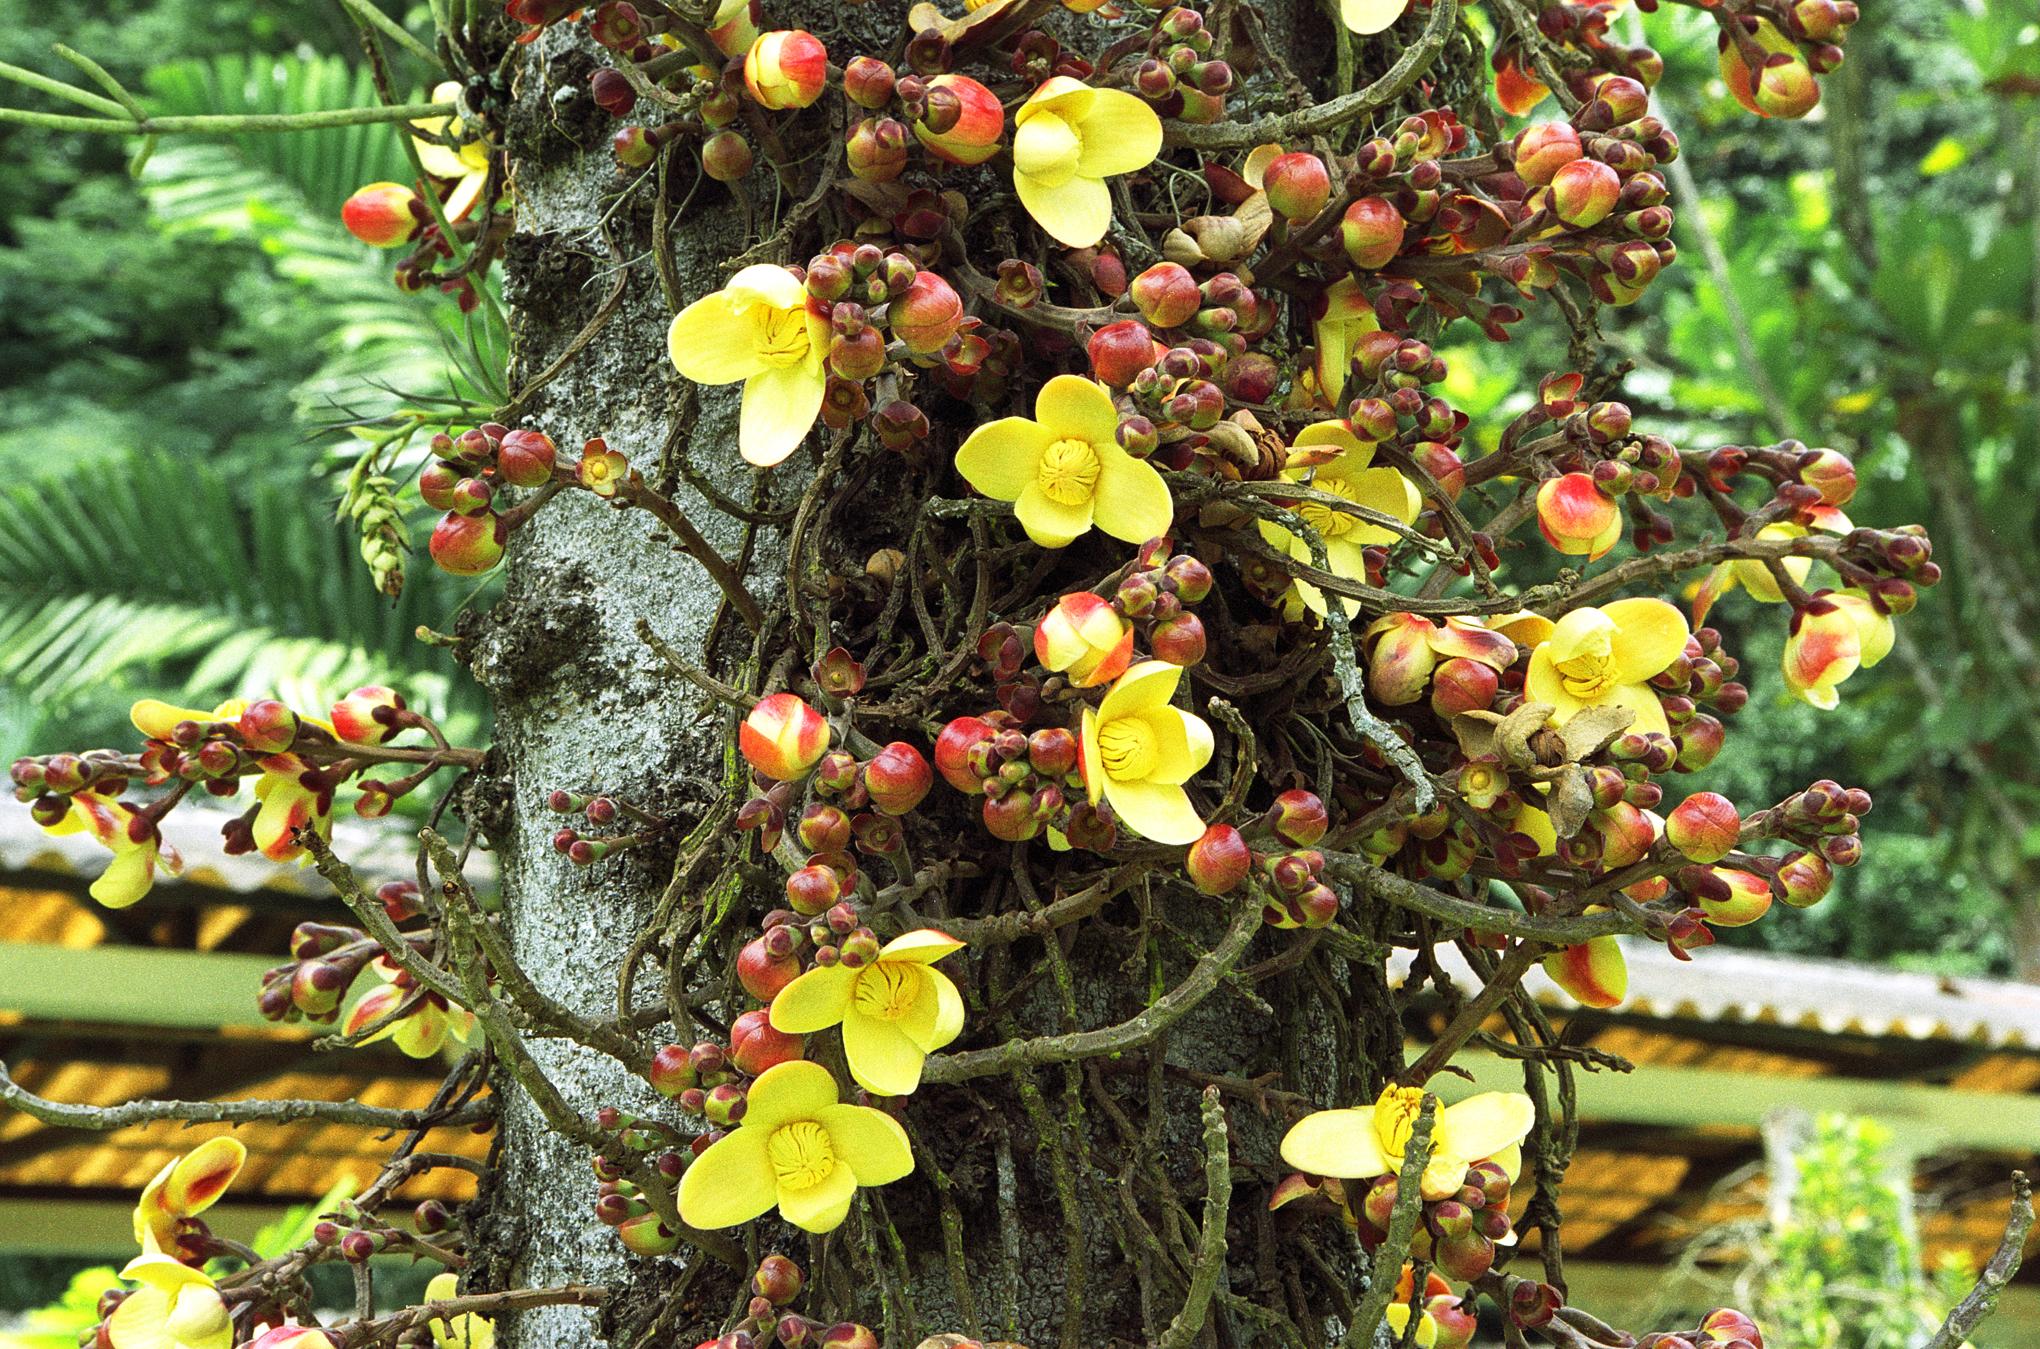 Brazil: Rio de Janeiro Botanical Gardens | Jearld Moldenhauer